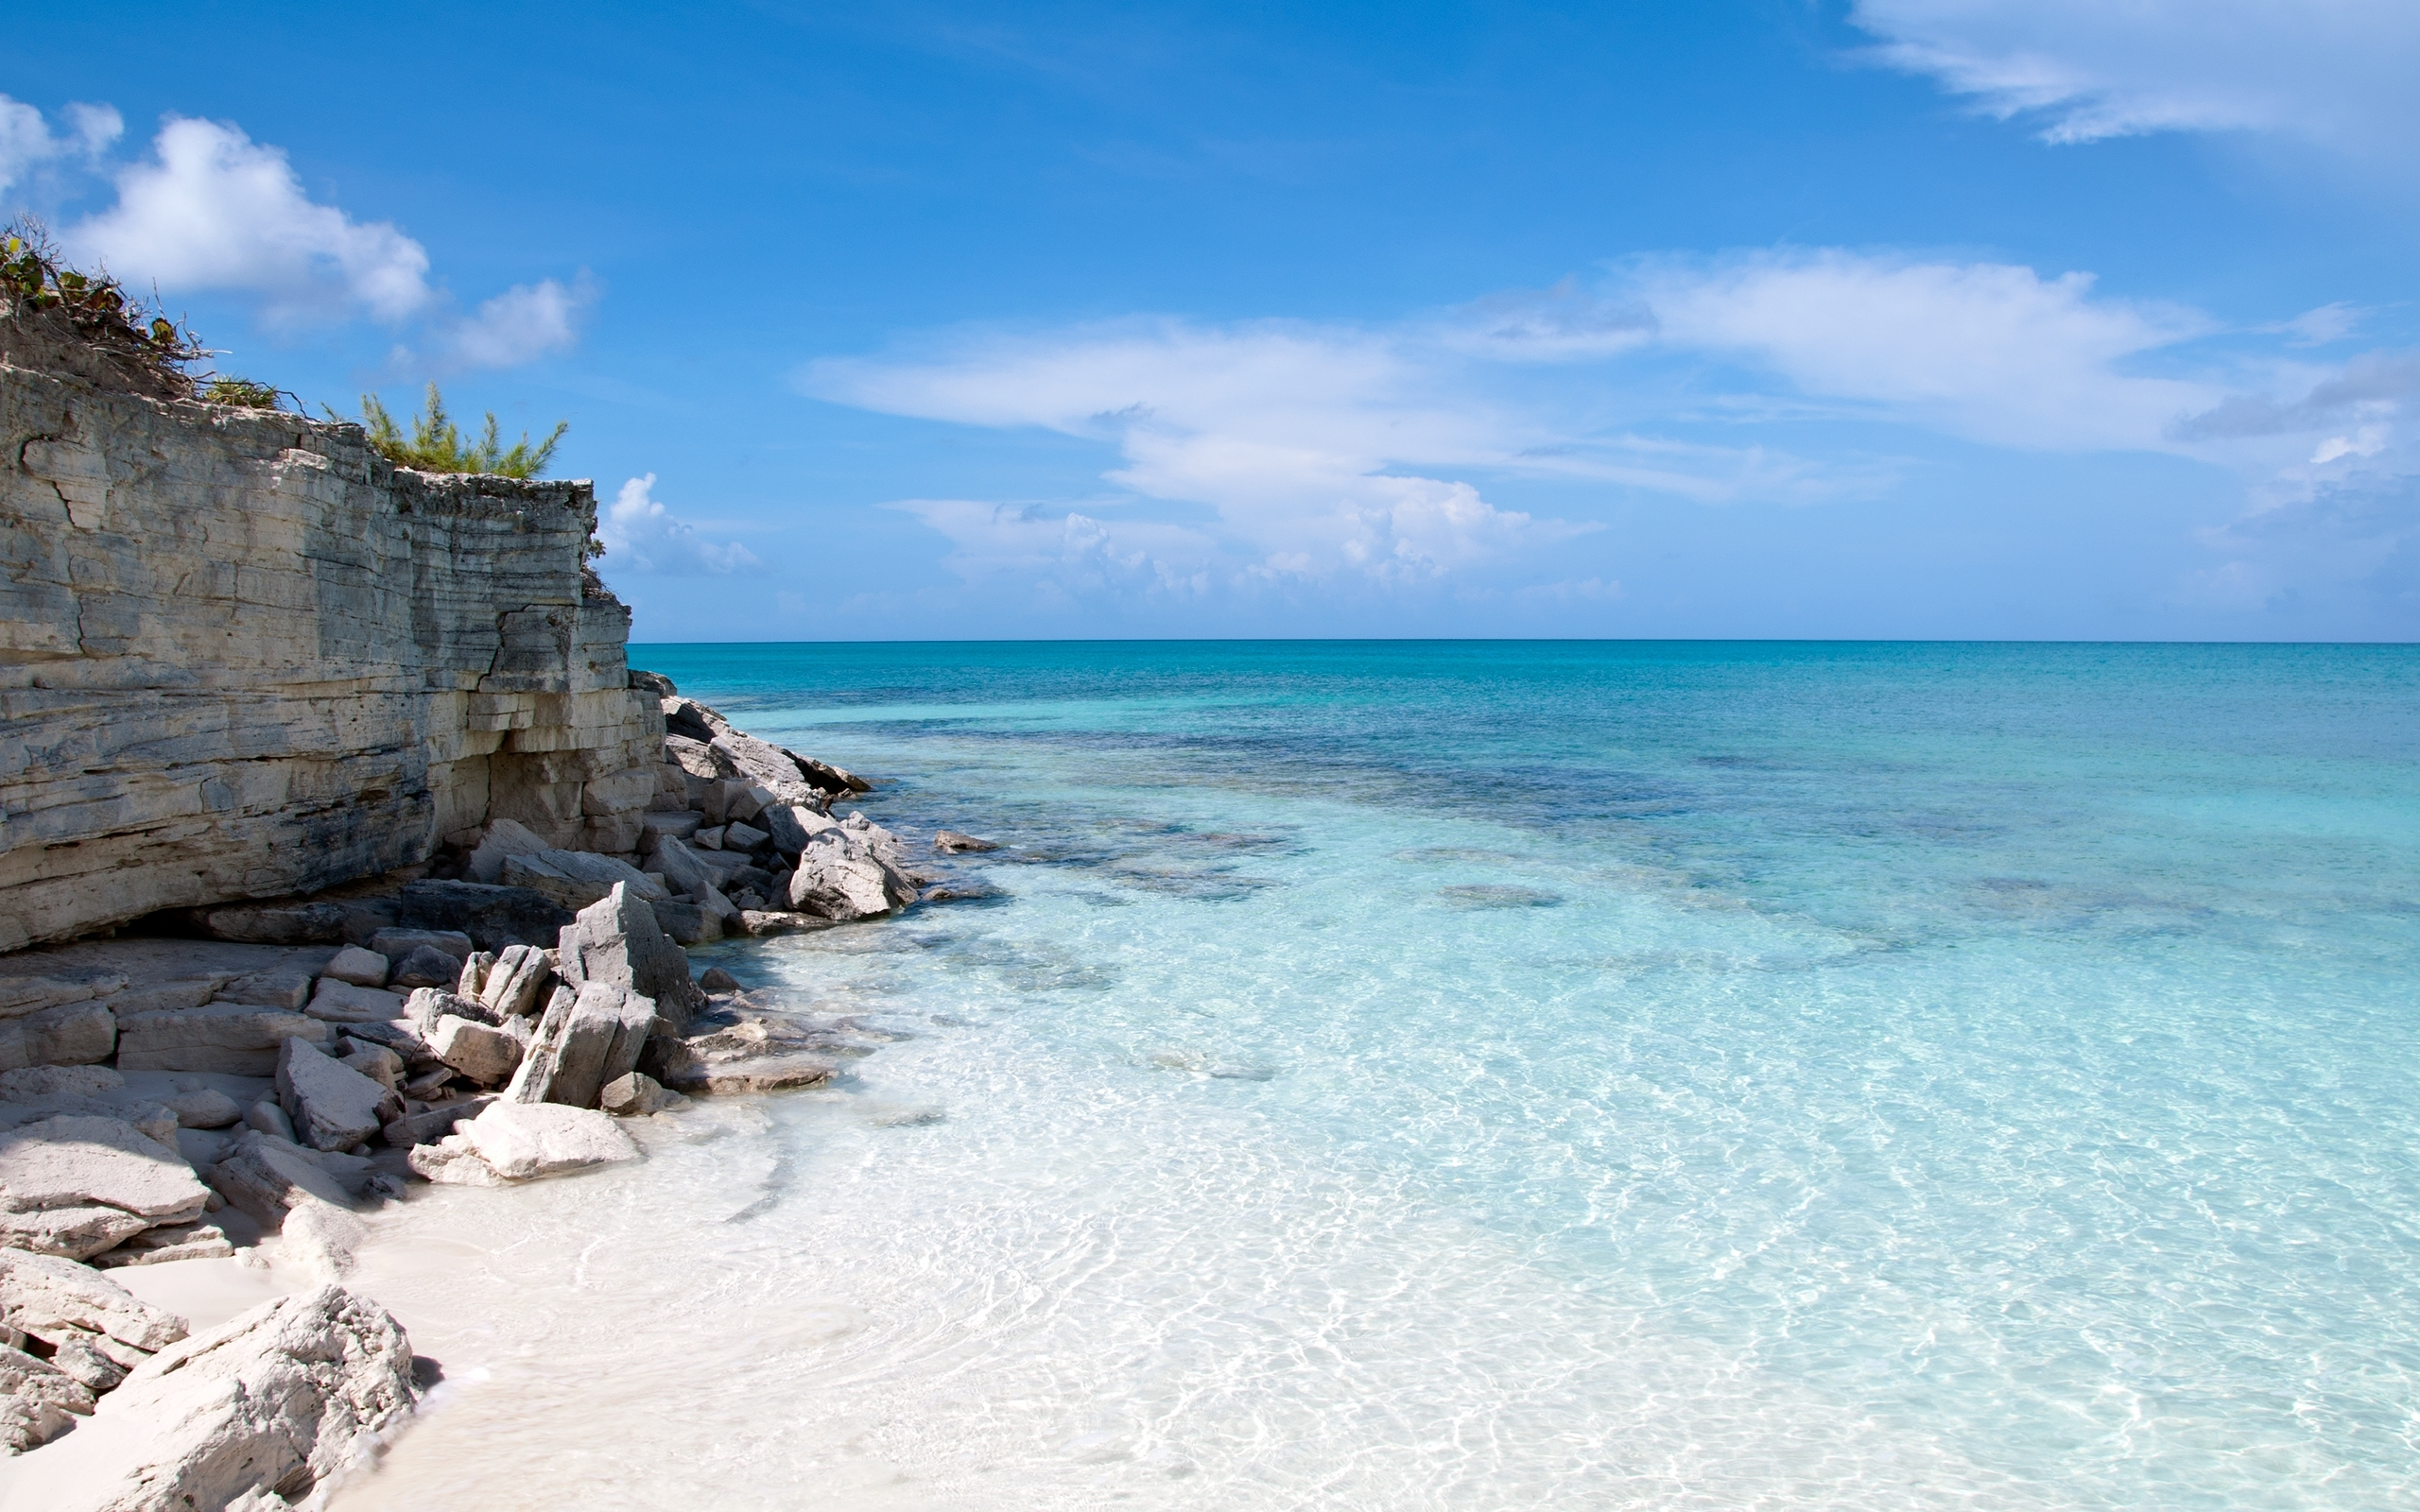 море остров небо камни  № 1034141 без смс